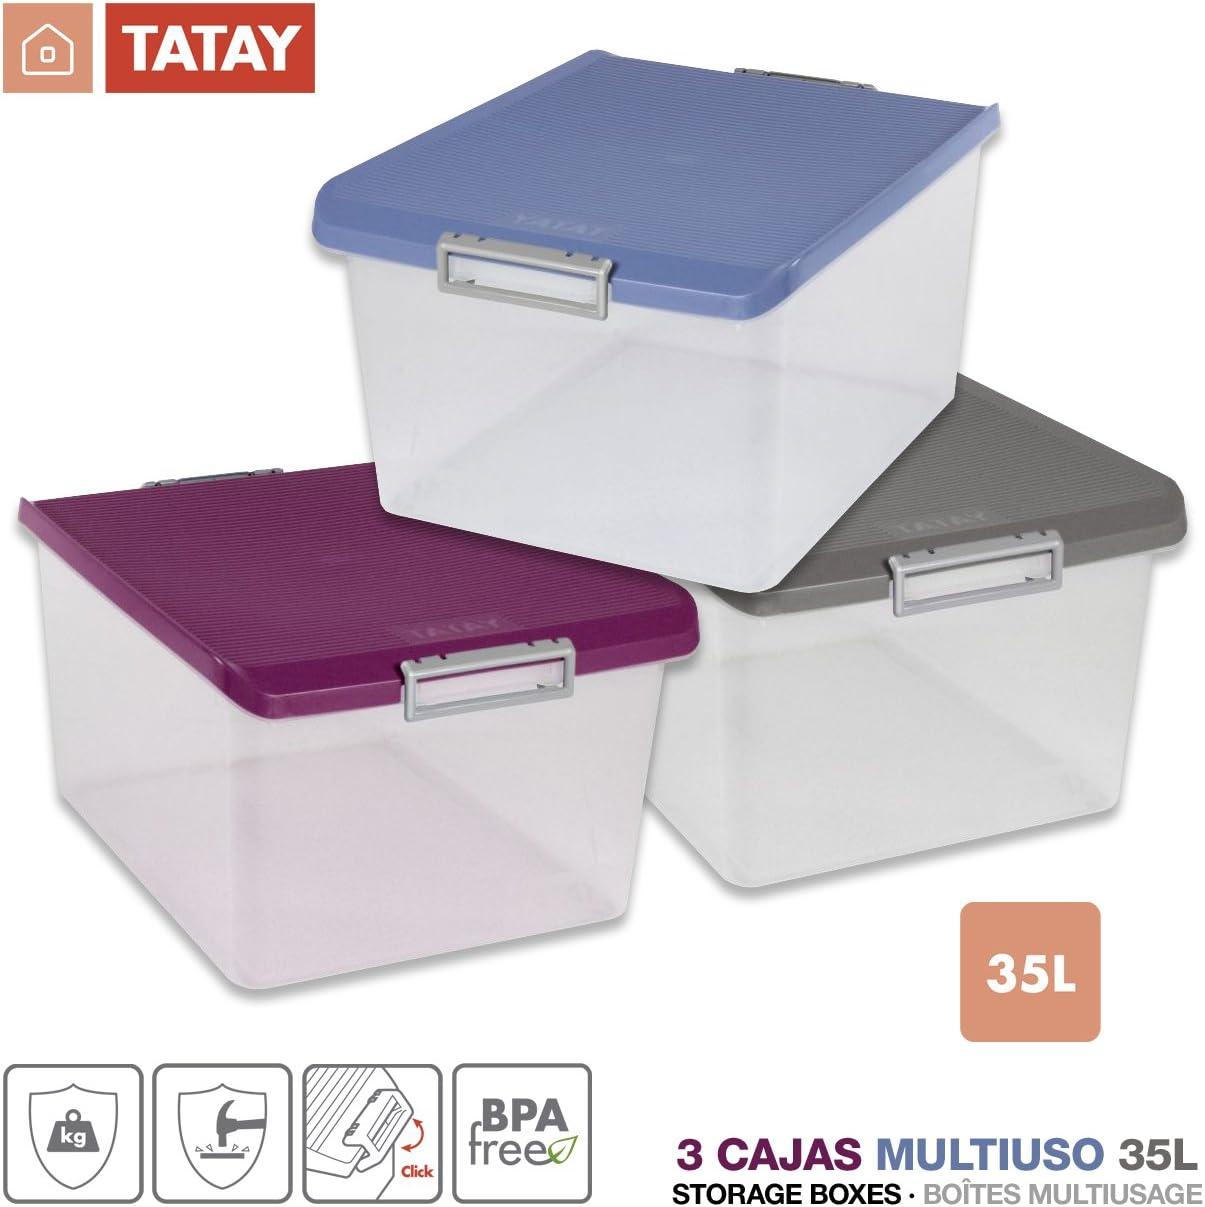 TATAY Lote 3 Cajas Multiusos 35 Litros Medidas 48 x 38 x 26 cm Color (Tricolor): Amazon.es: Hogar